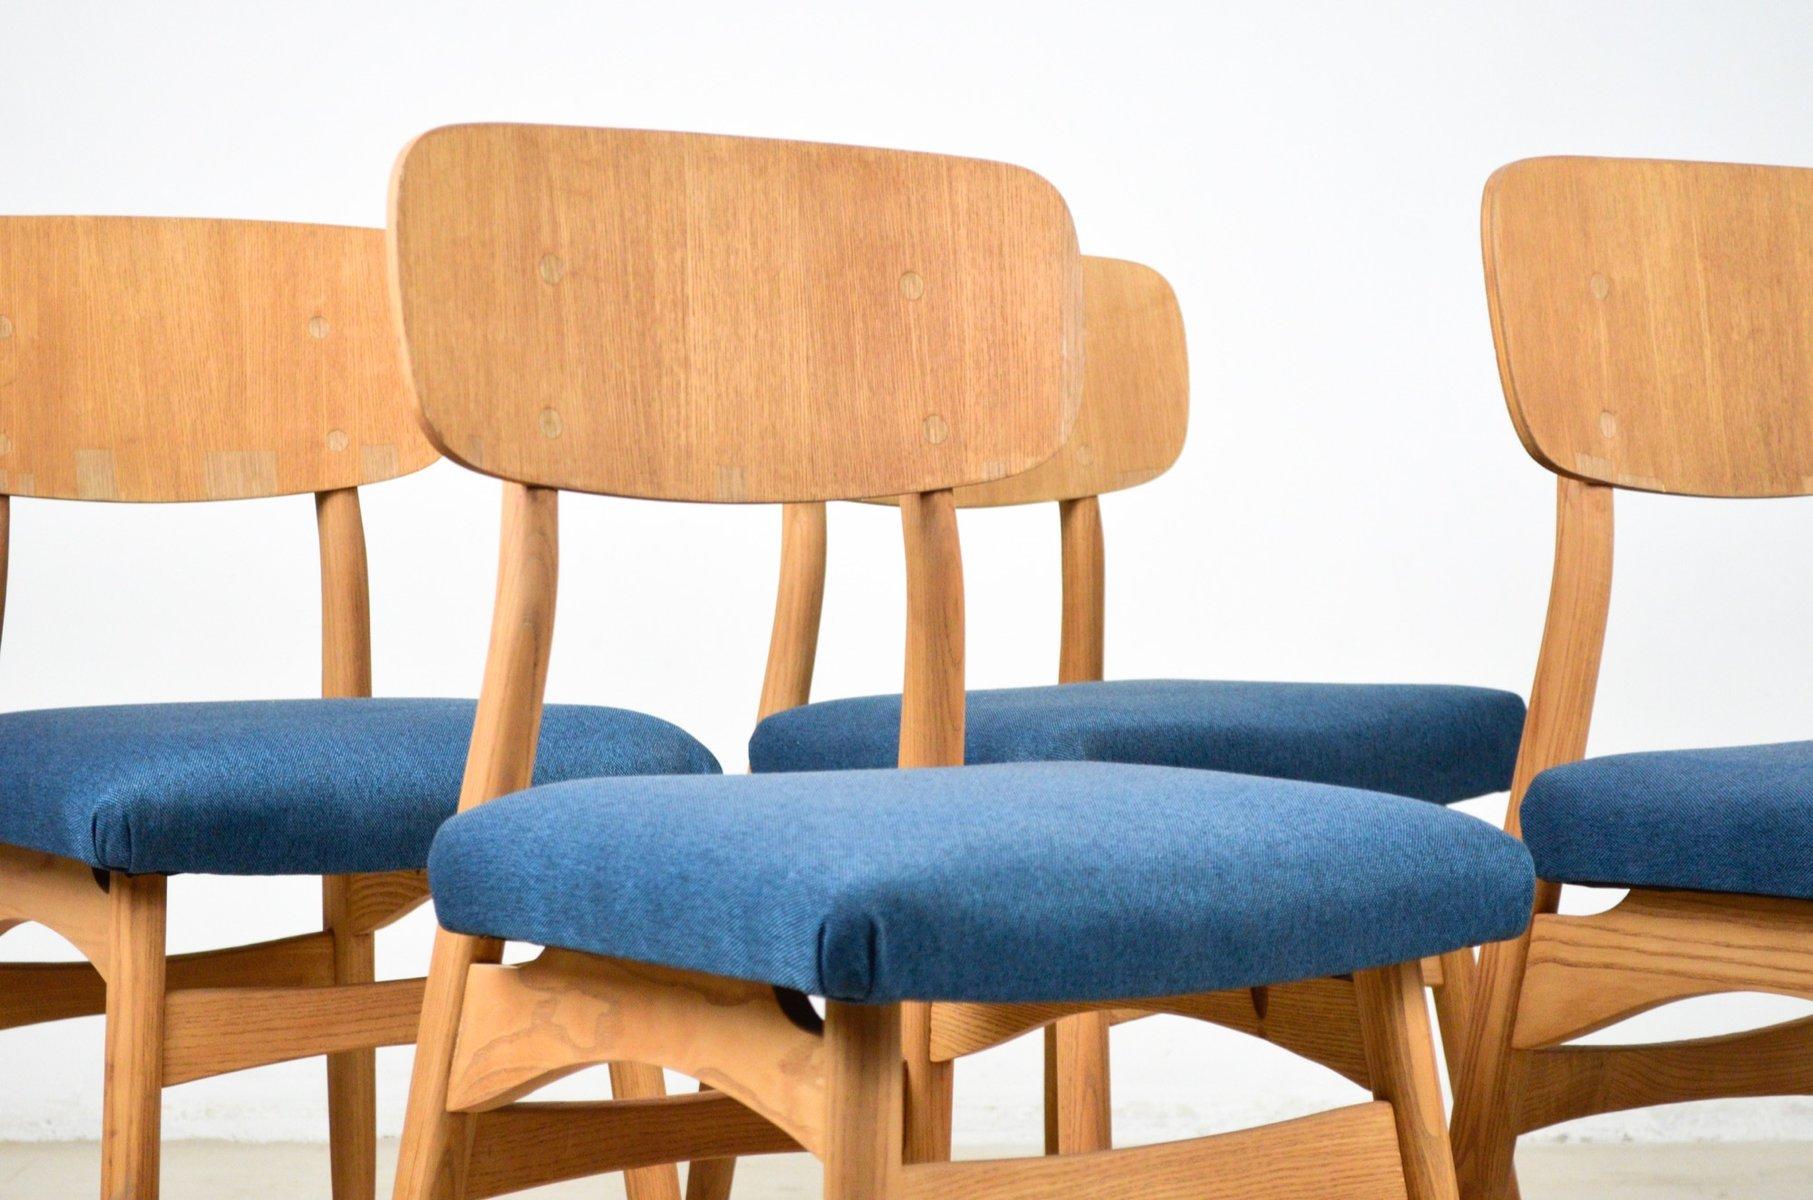 chaise de salon en fr ne avec tapisserie bleue fonc 1960s en vente sur pamono. Black Bedroom Furniture Sets. Home Design Ideas